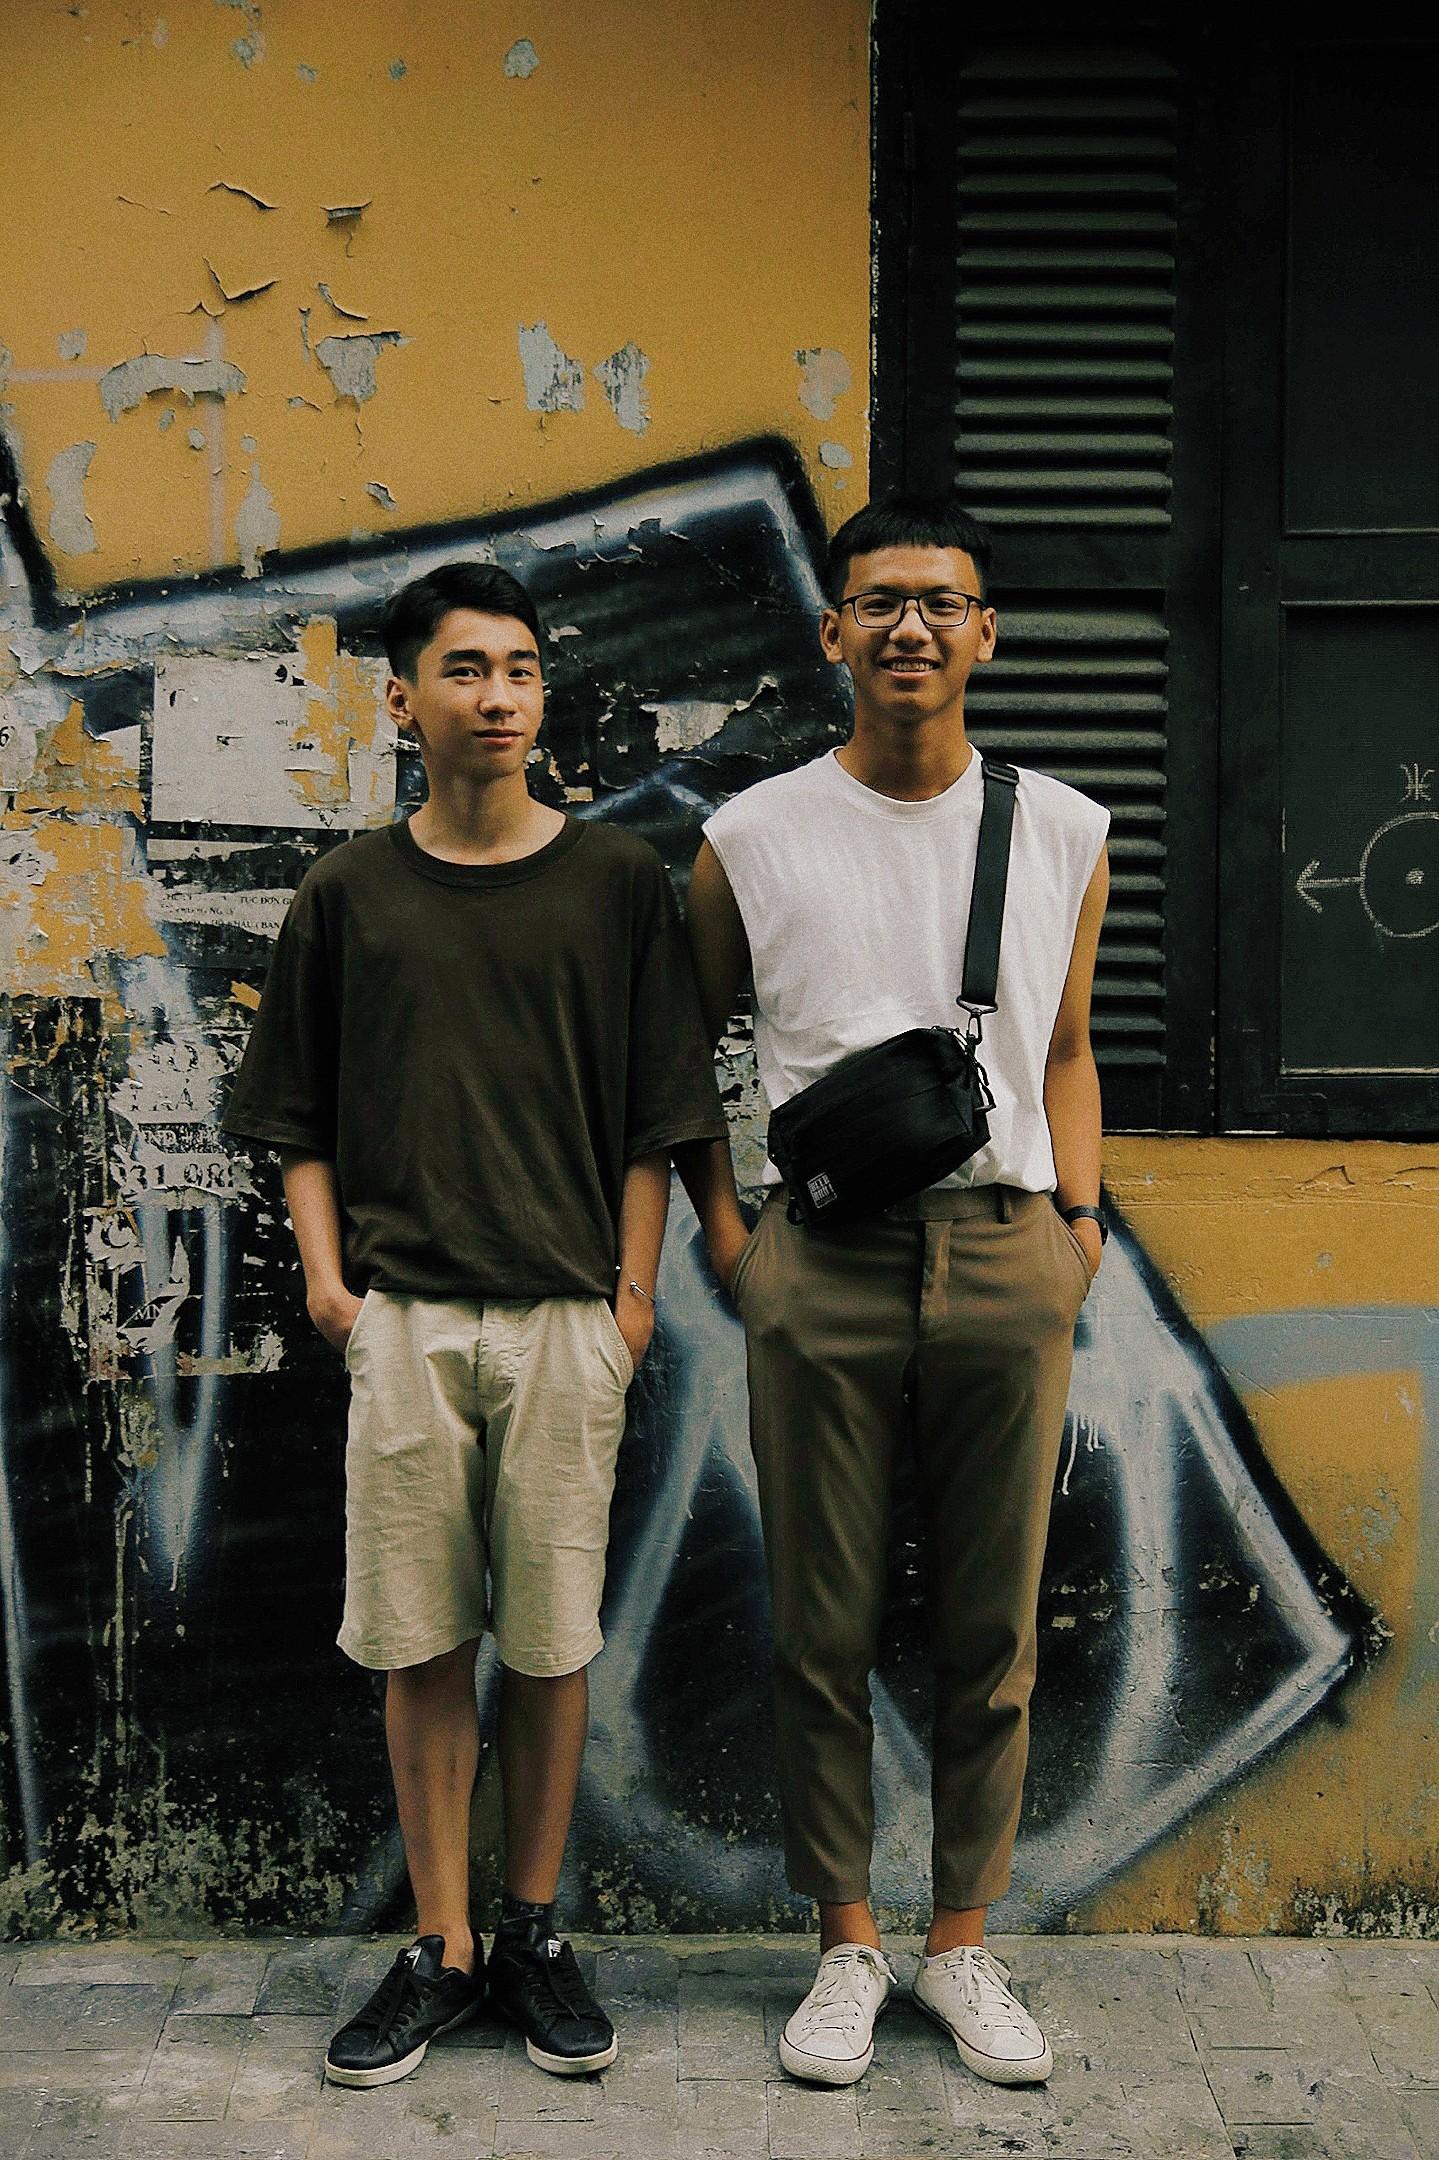 Bộ ảnh rất tình của cặp LGBT điển trai khiến cộng đồng mạng thổn thức - Ảnh 6.